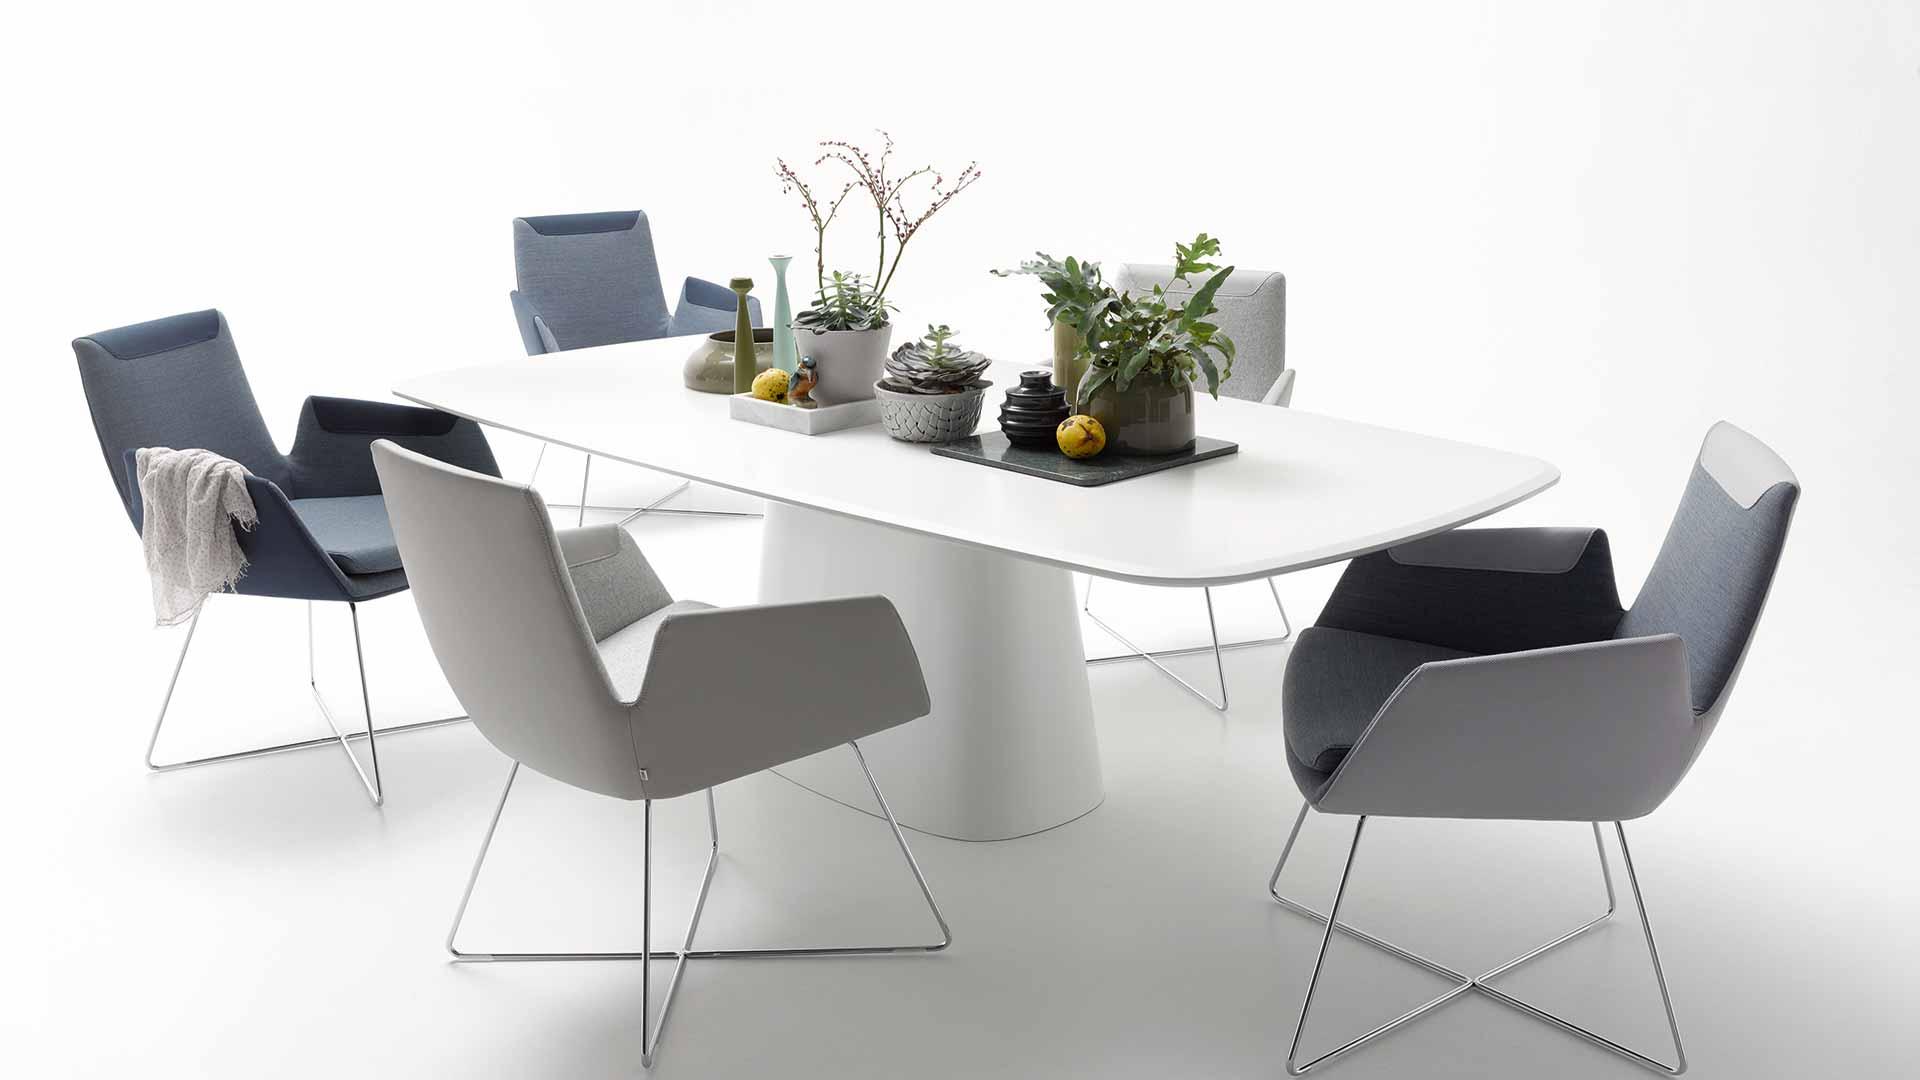 Polstermöbel, Tische und Stühle von COR MÖBEL - Bad Neuenahr ...